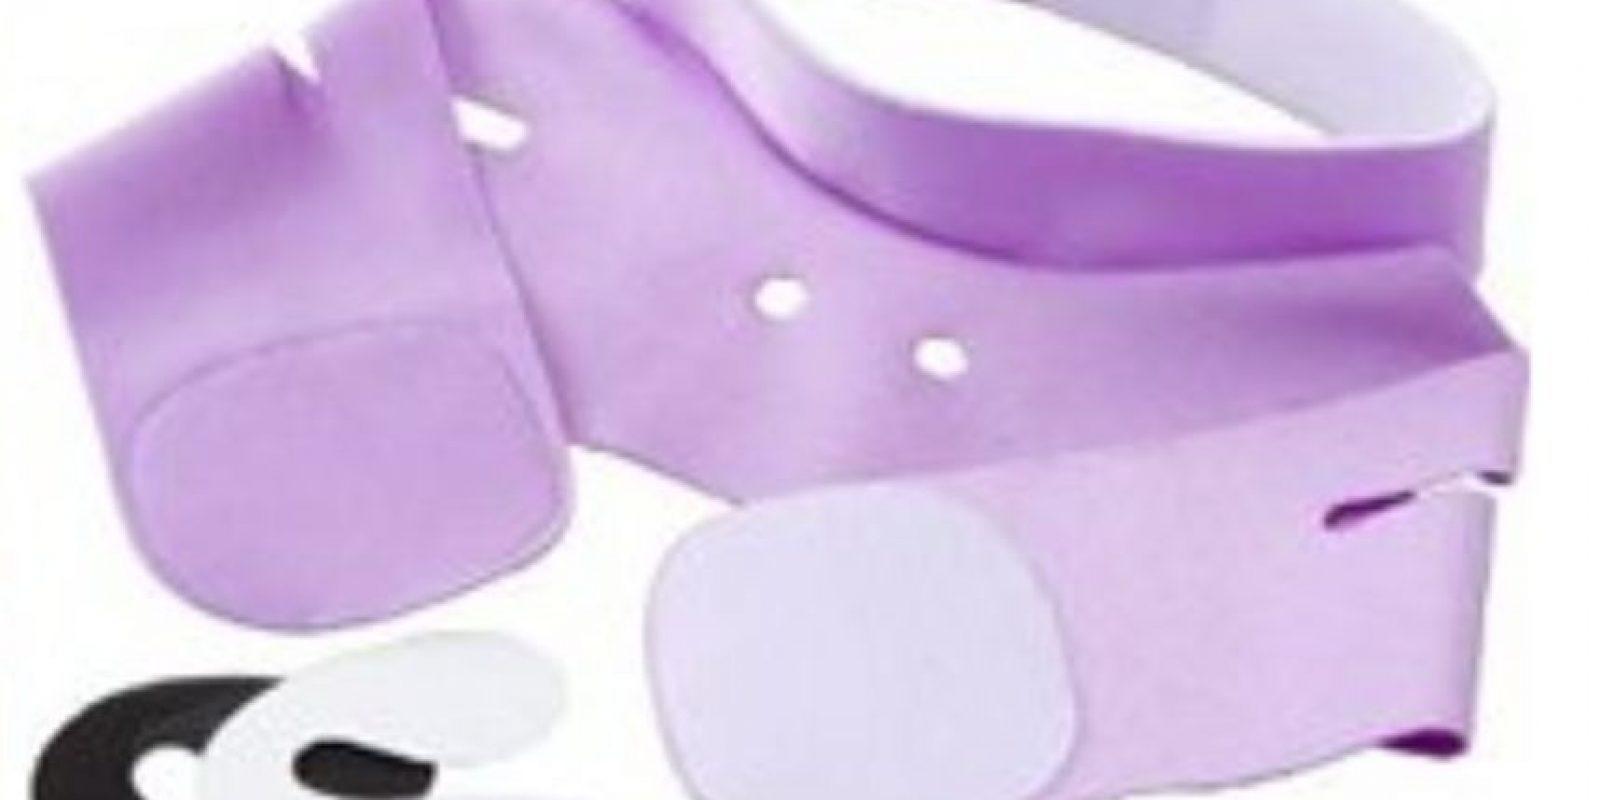 Invento anticaída de las mejillas. Foto: japantrendshop.com